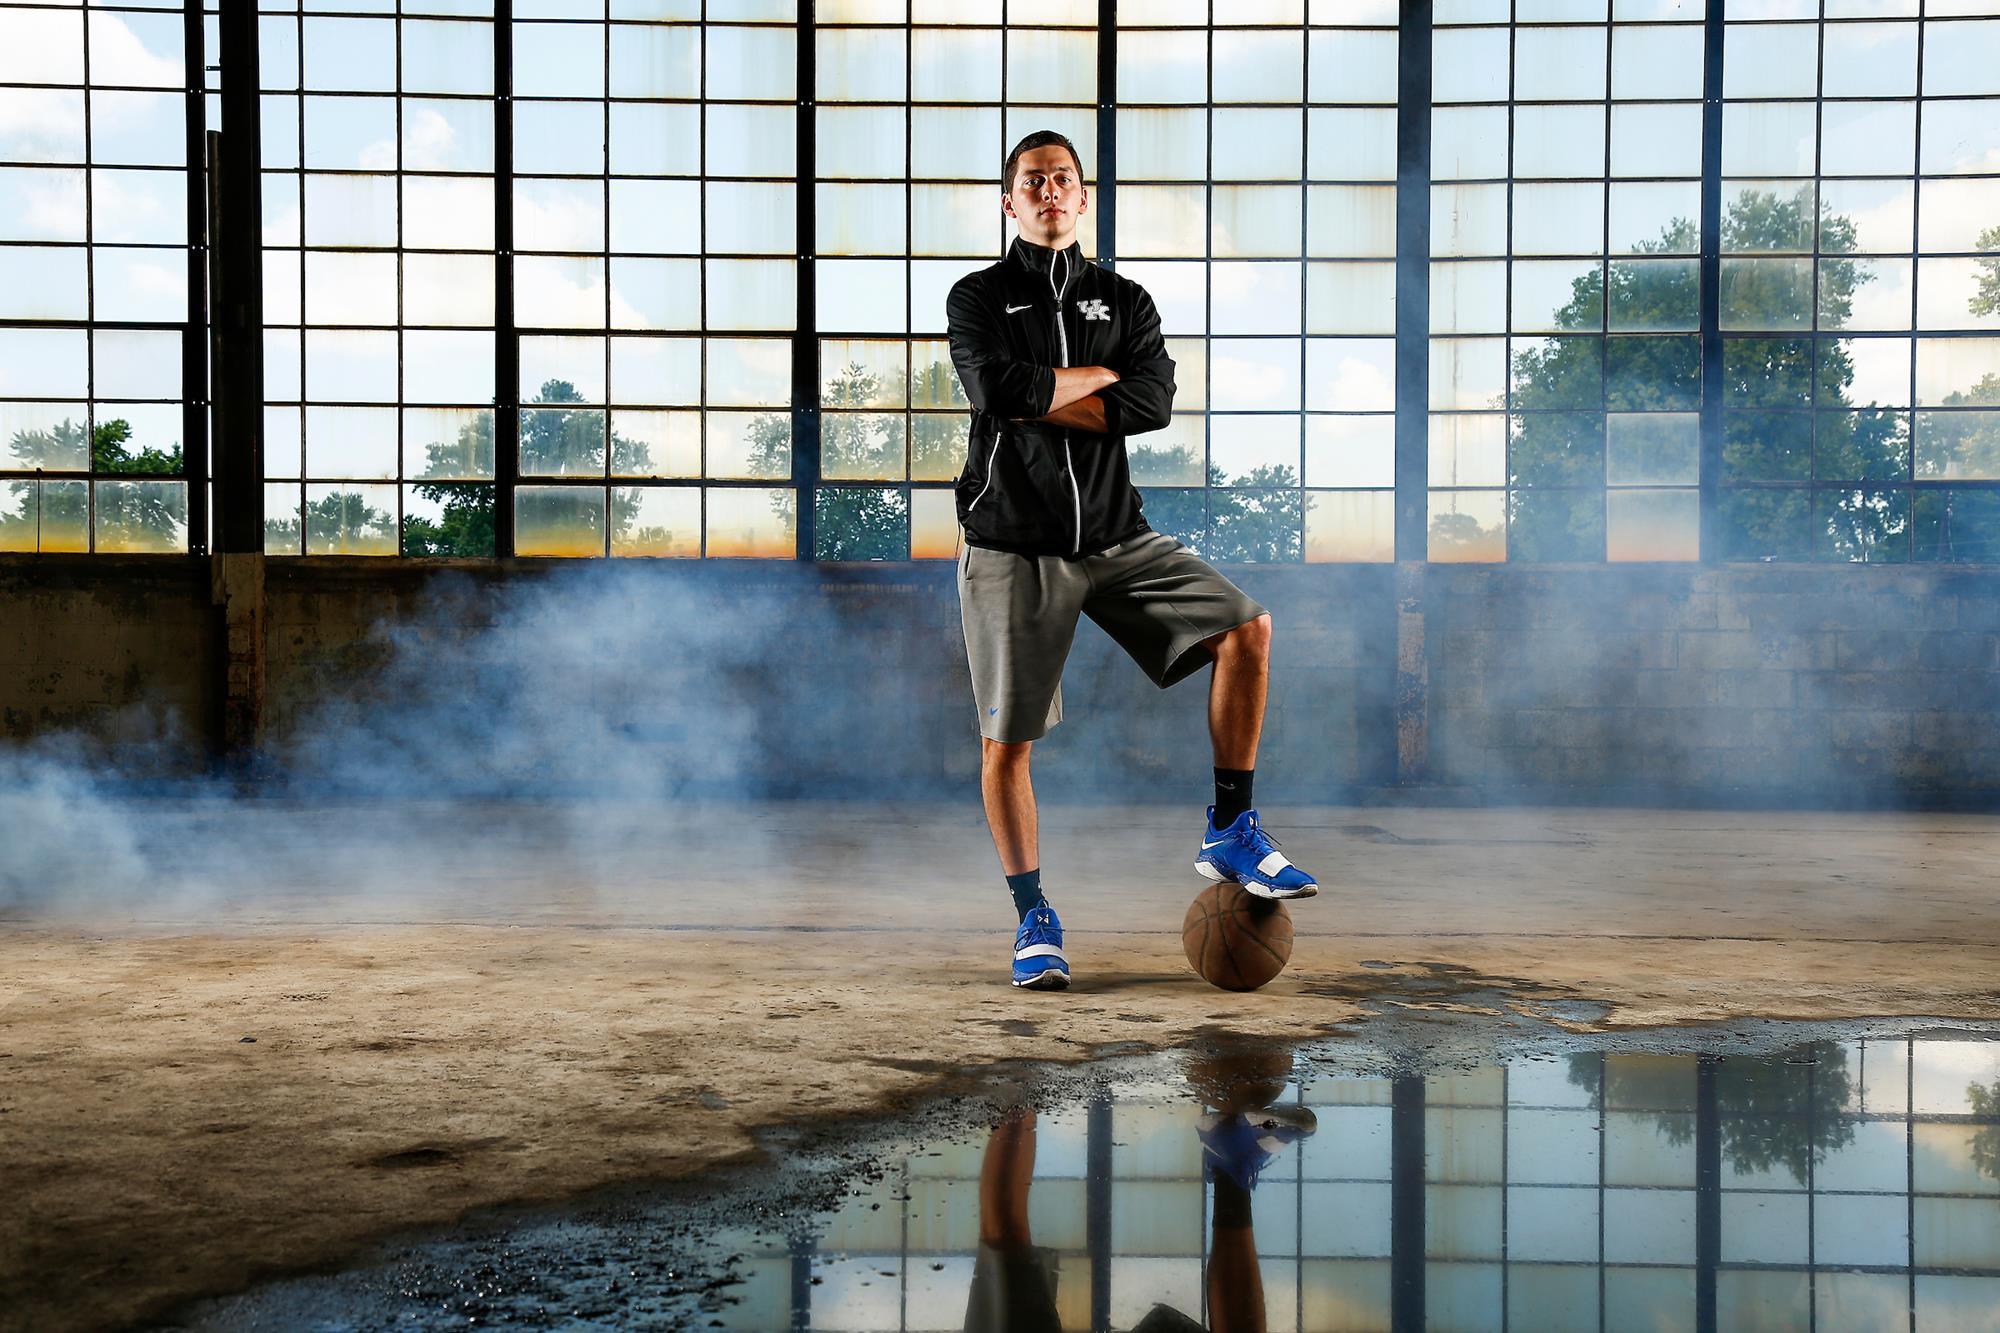 a07b1b62f7007 Jonny David - Men s Basketball - University of Kentucky Athletics